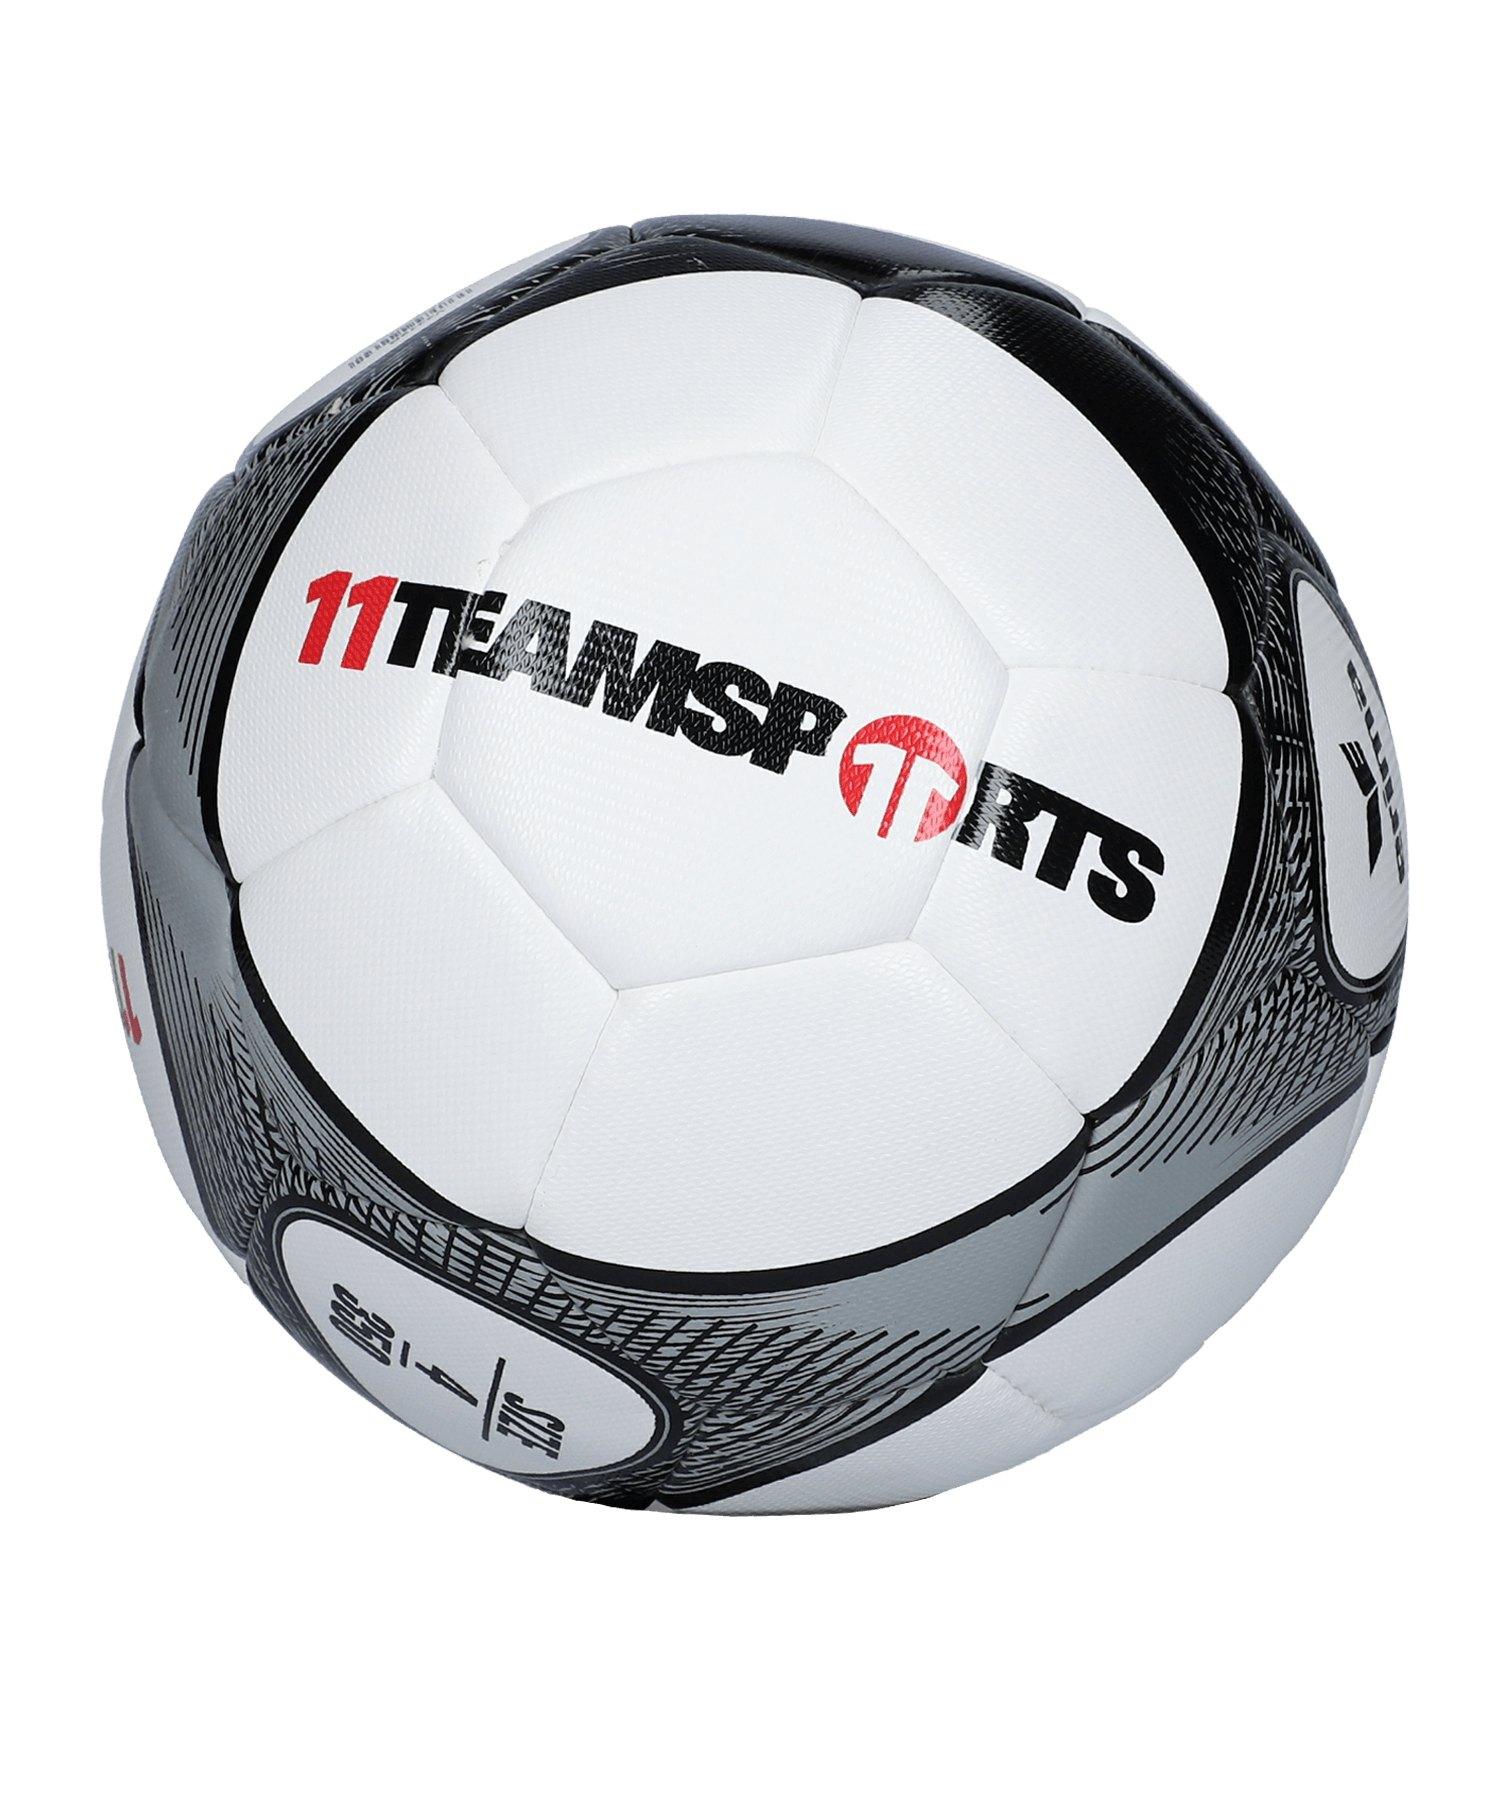 Erima Hybrid Lite 350 Trainingsball Grau Schwarz - grau